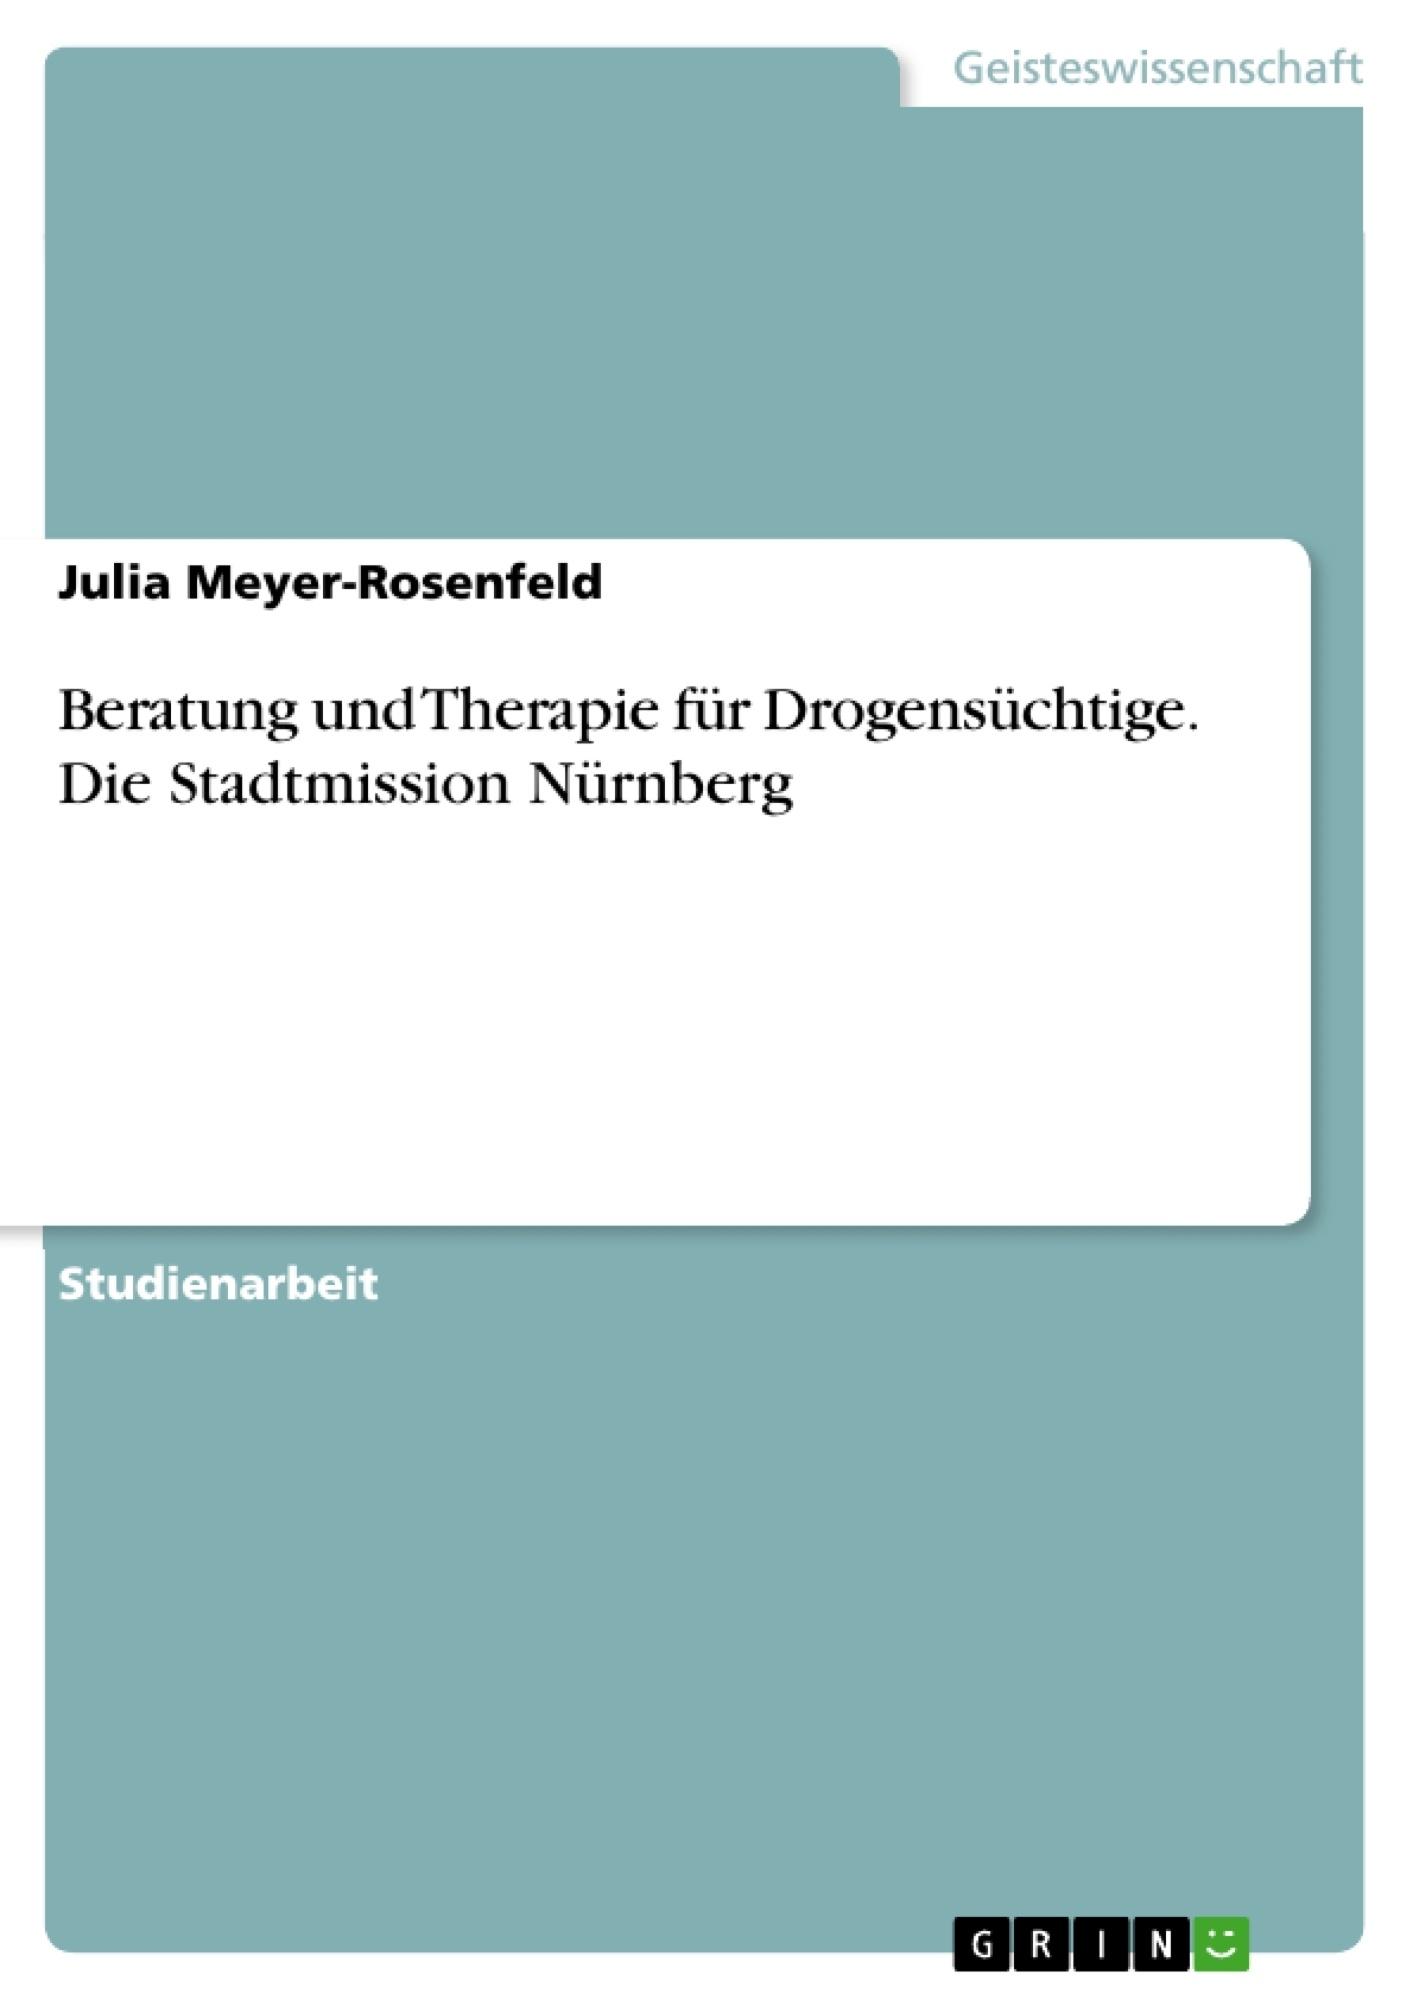 Titel: Beratung und Therapie für Drogensüchtige. Die Stadtmission Nürnberg